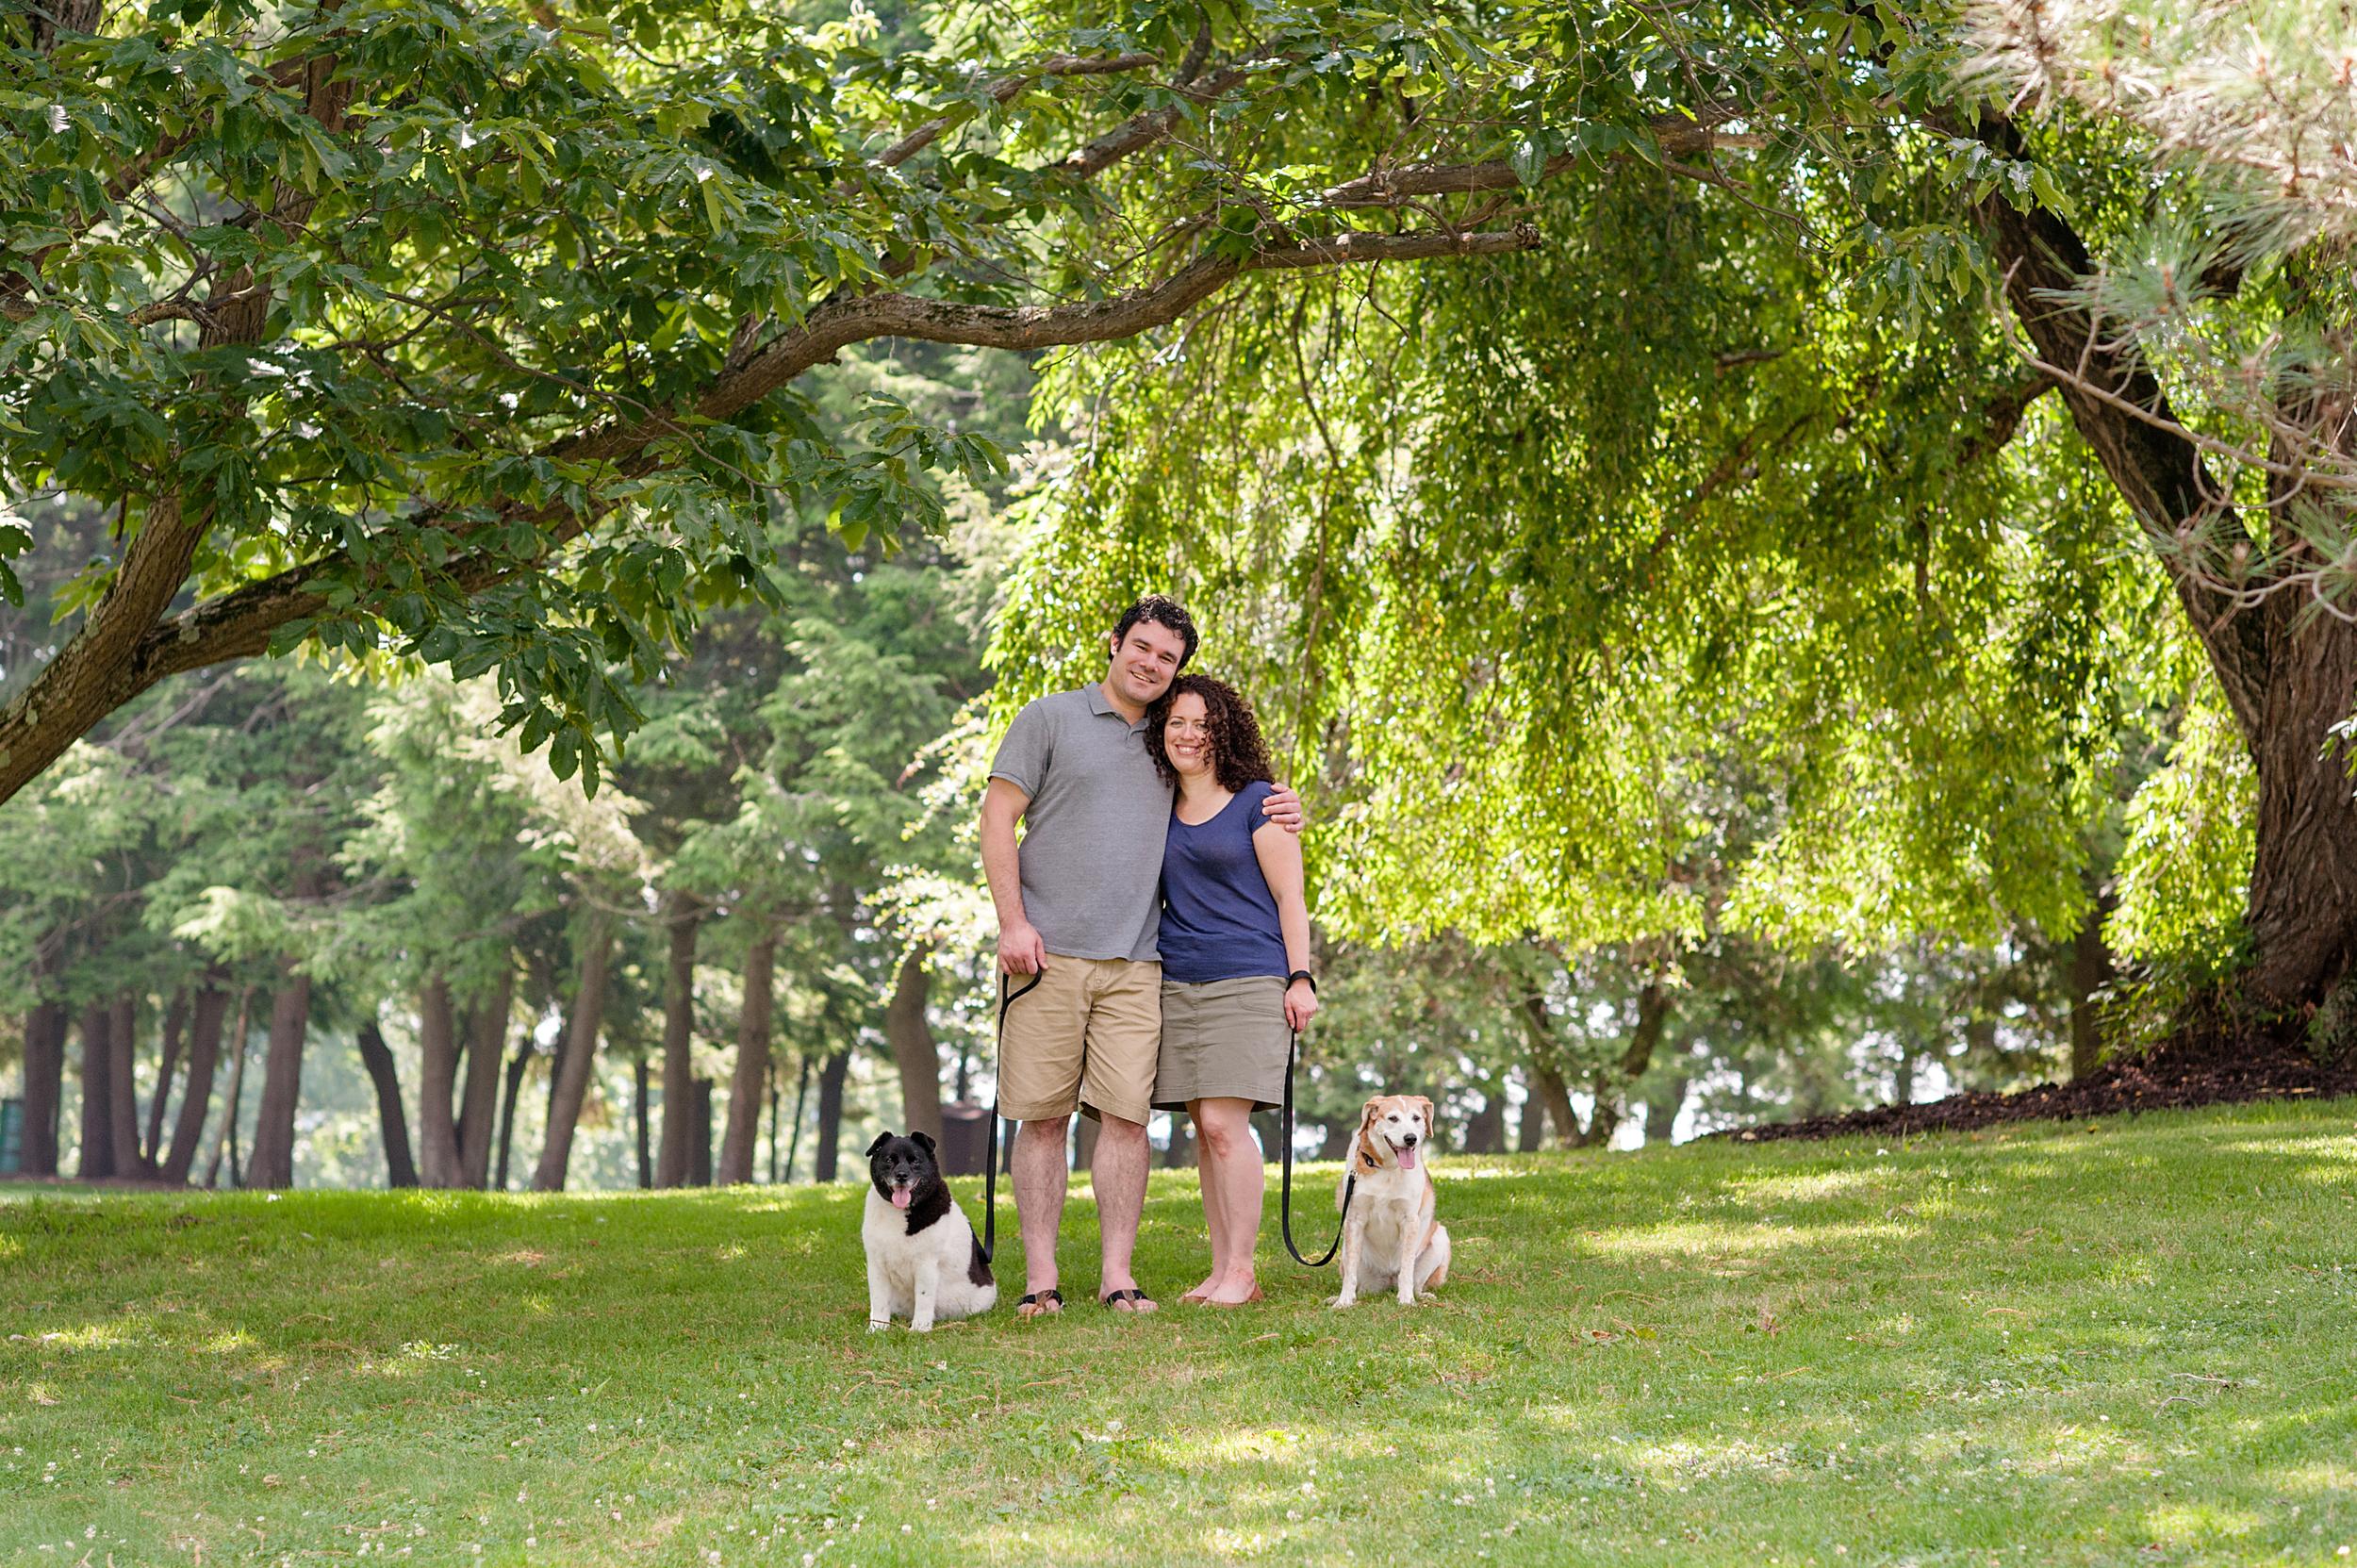 dog-photography-hartwood-acres-giftbug-13.jpg